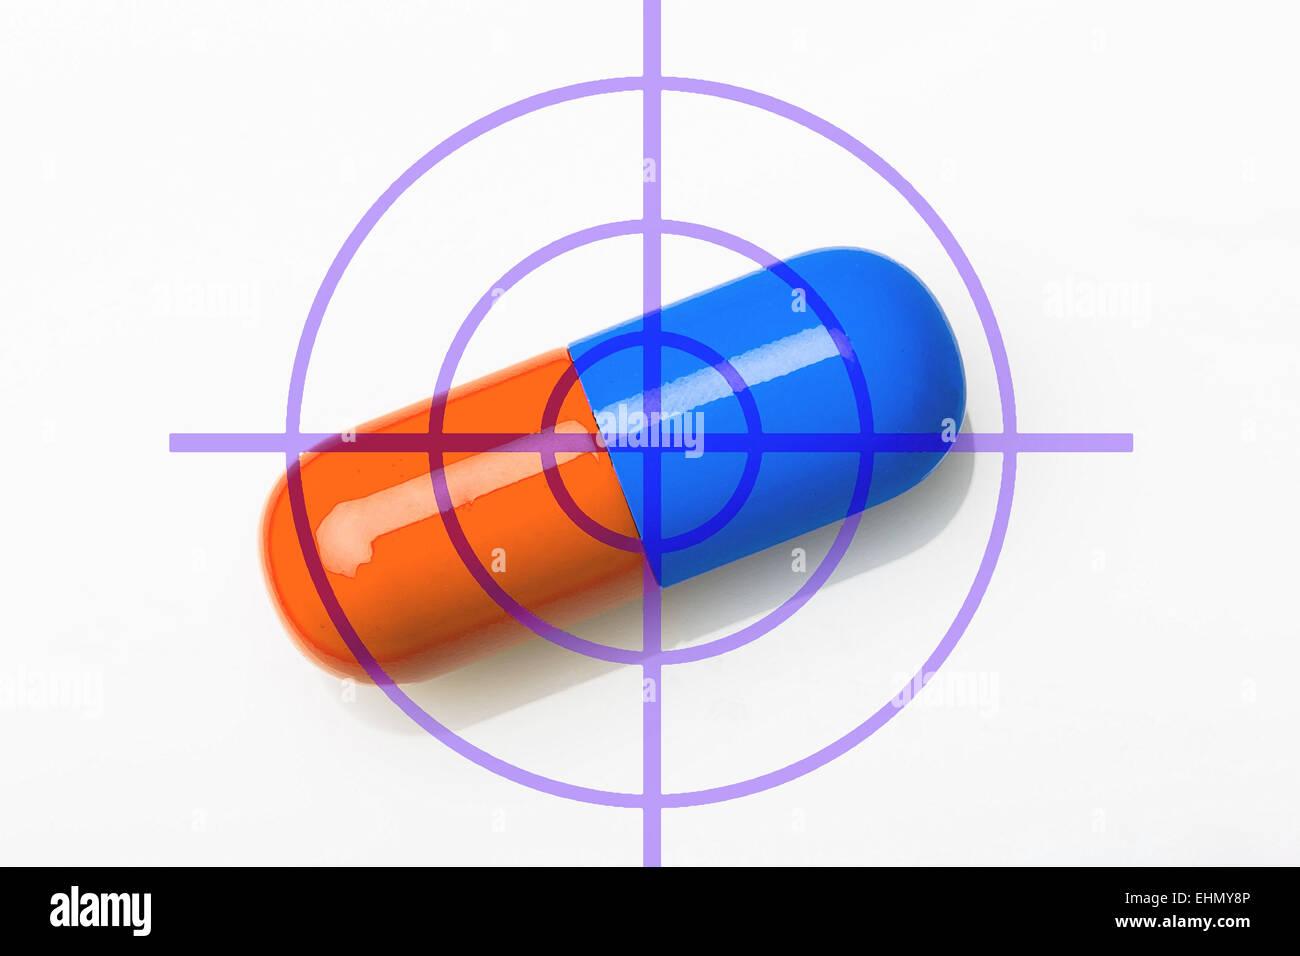 Illustration of the target drug. - Stock Image